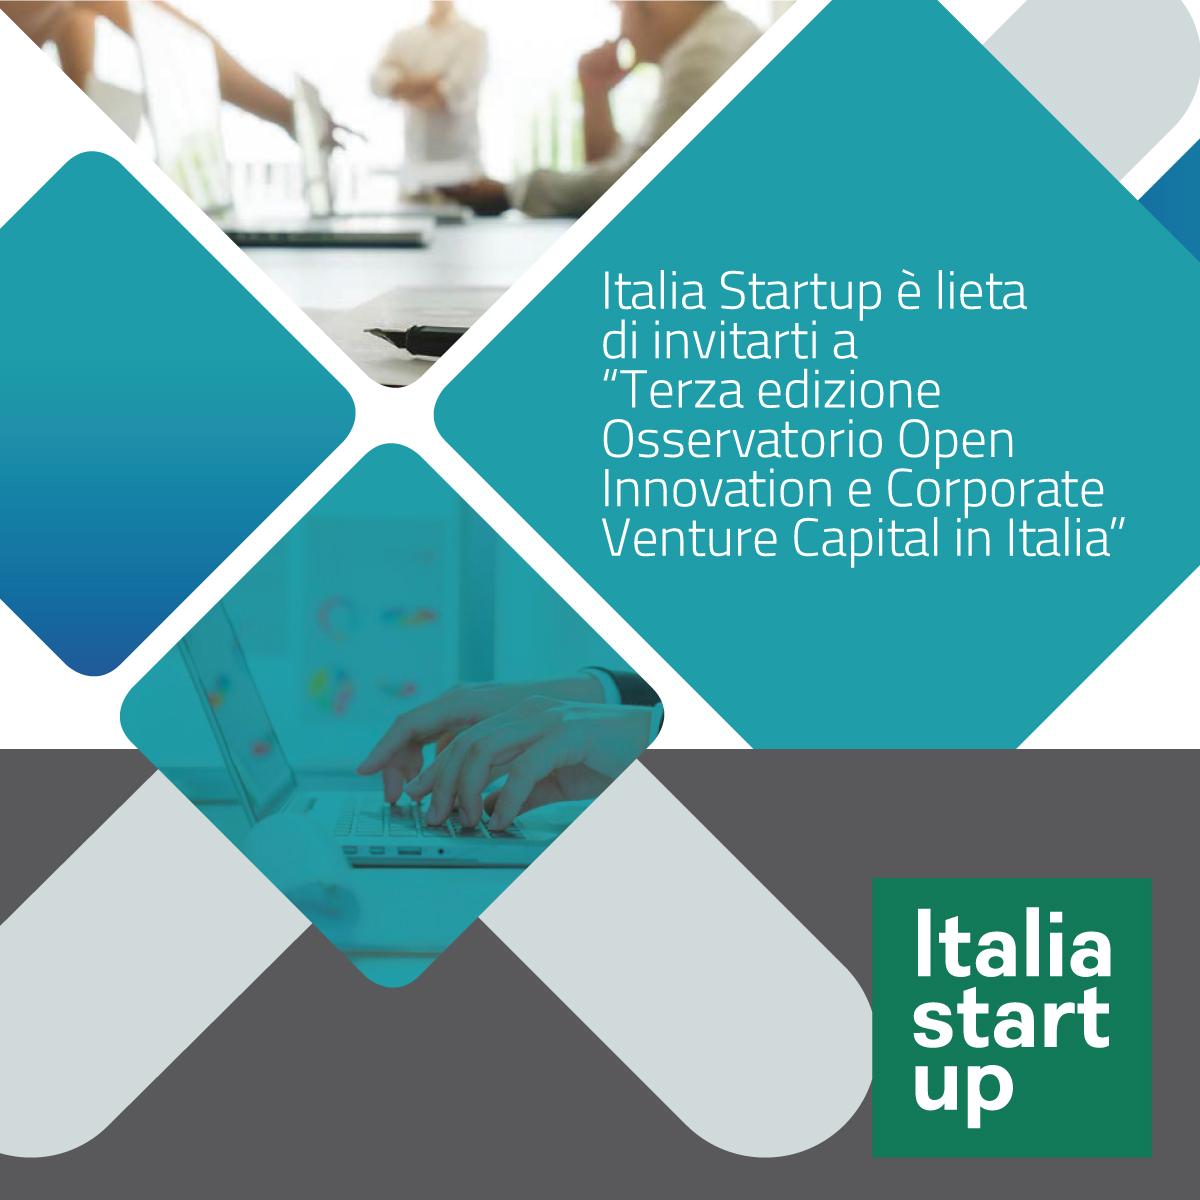 Terza Edizione Osservatorio Open Innovation E Corporate Venture Capital In Italia